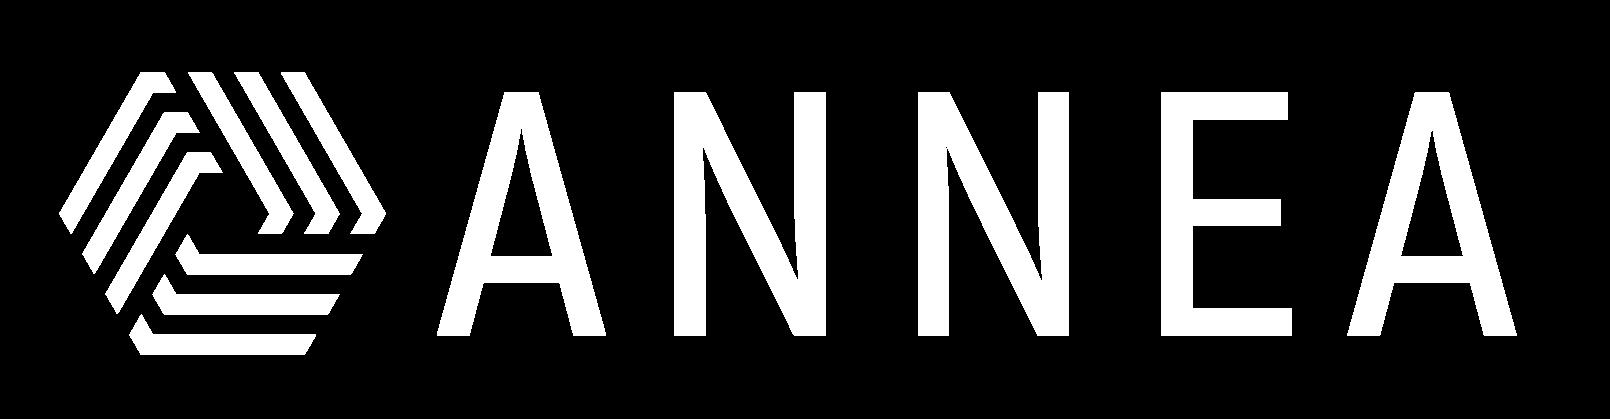 ANNEA